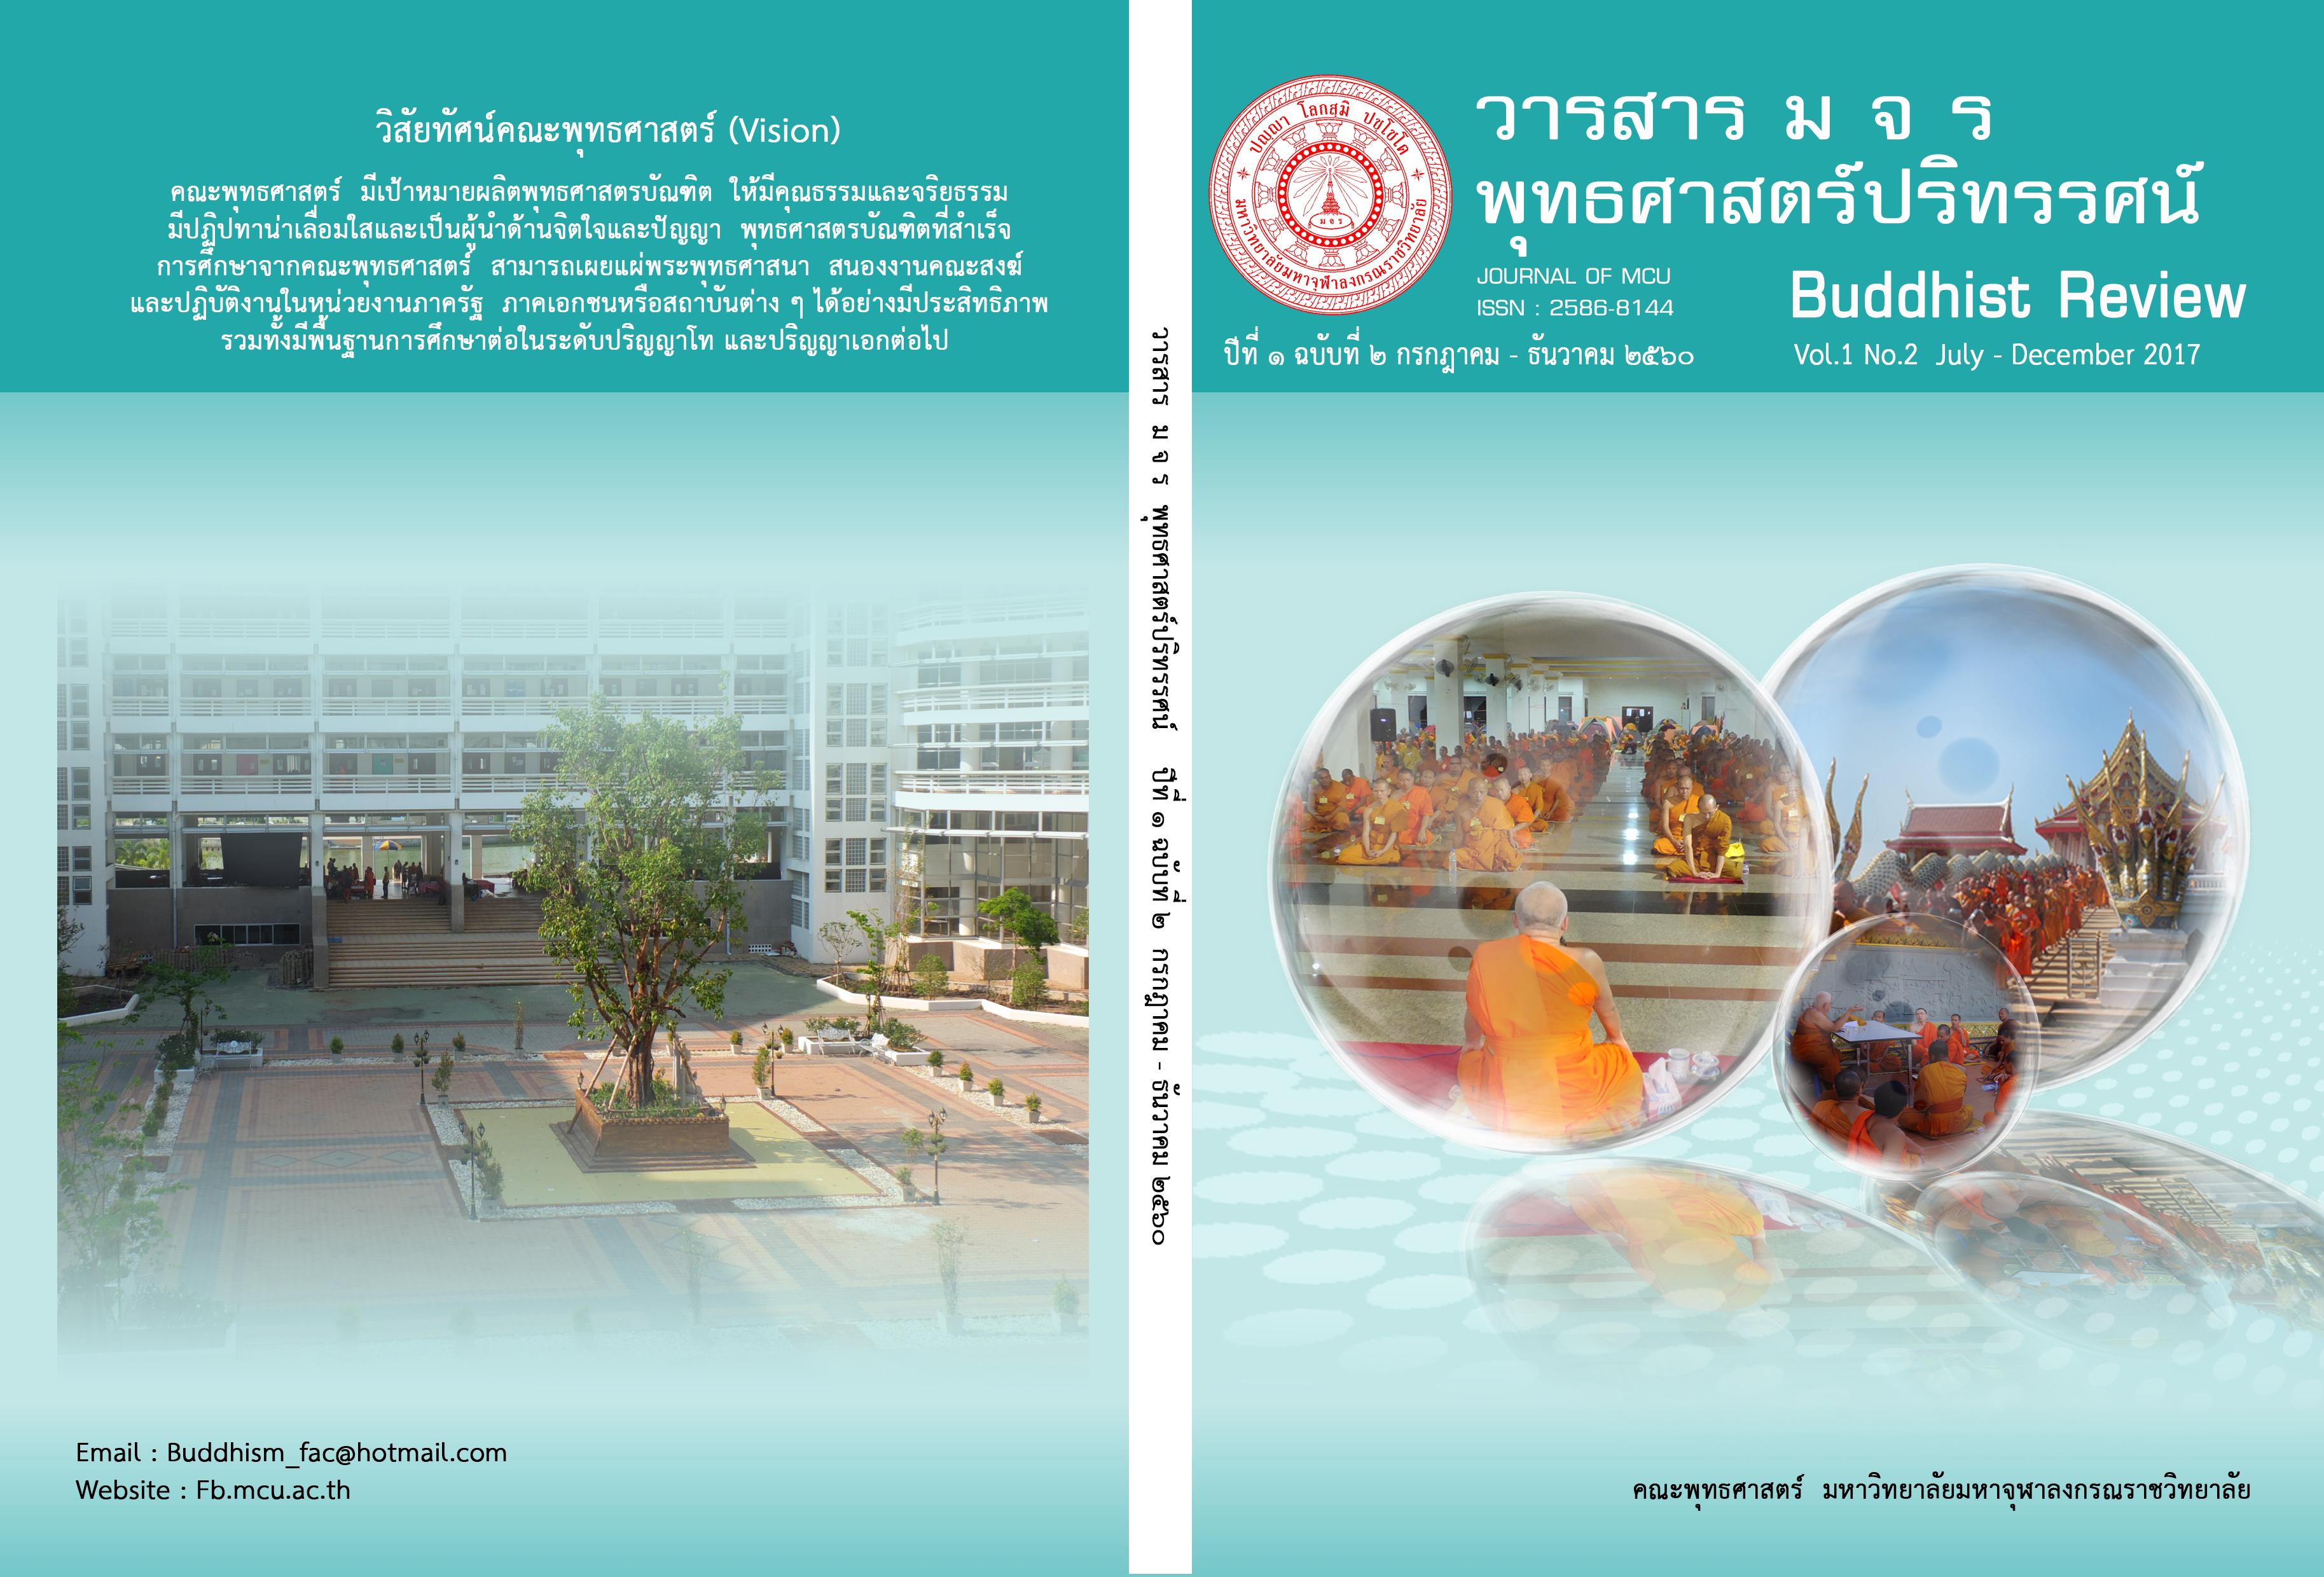 ภาพหน้าปกวารสารฉบับที่ ๑ และ ๒ และภาพตรามหาวิทยาลัย